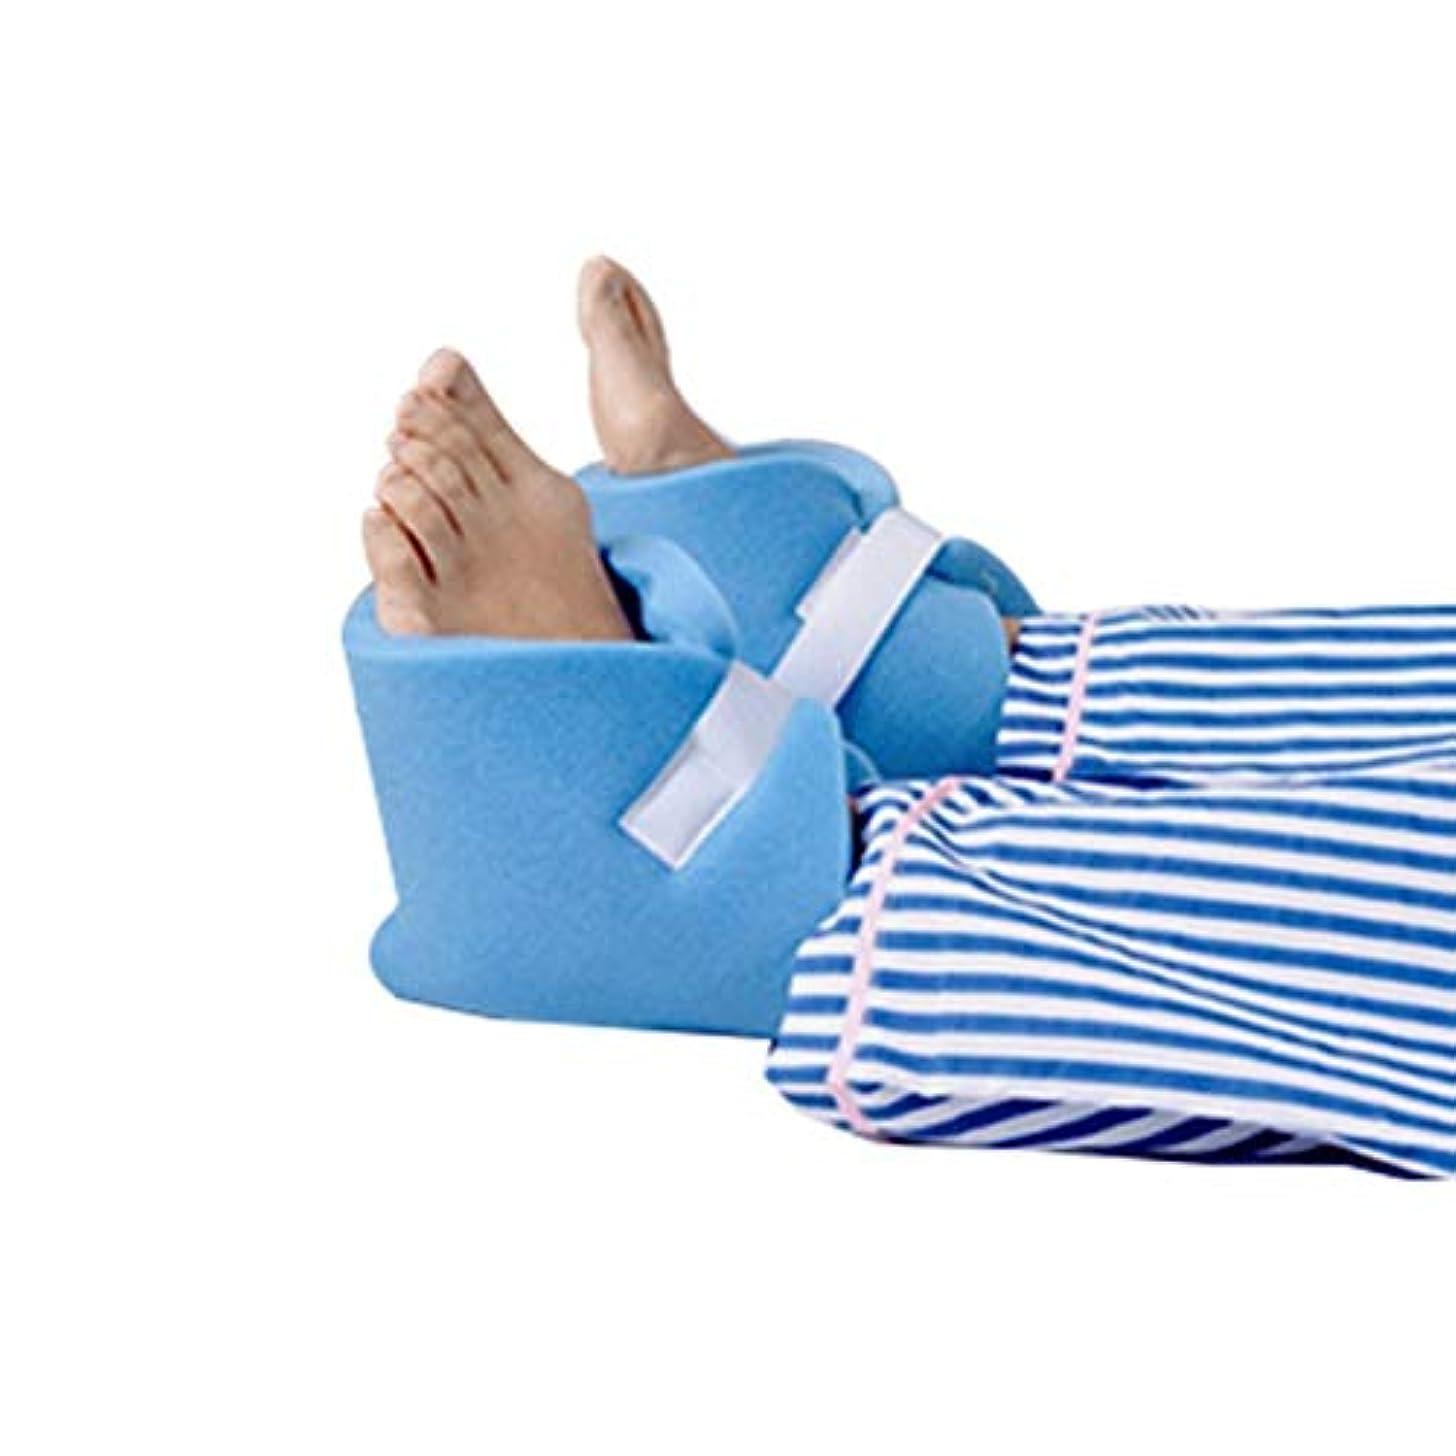 歌うセラーパースフォームヒールクッション、Pressure瘡予防のための足首プロテクター、デラックスワンペア(ブルー)